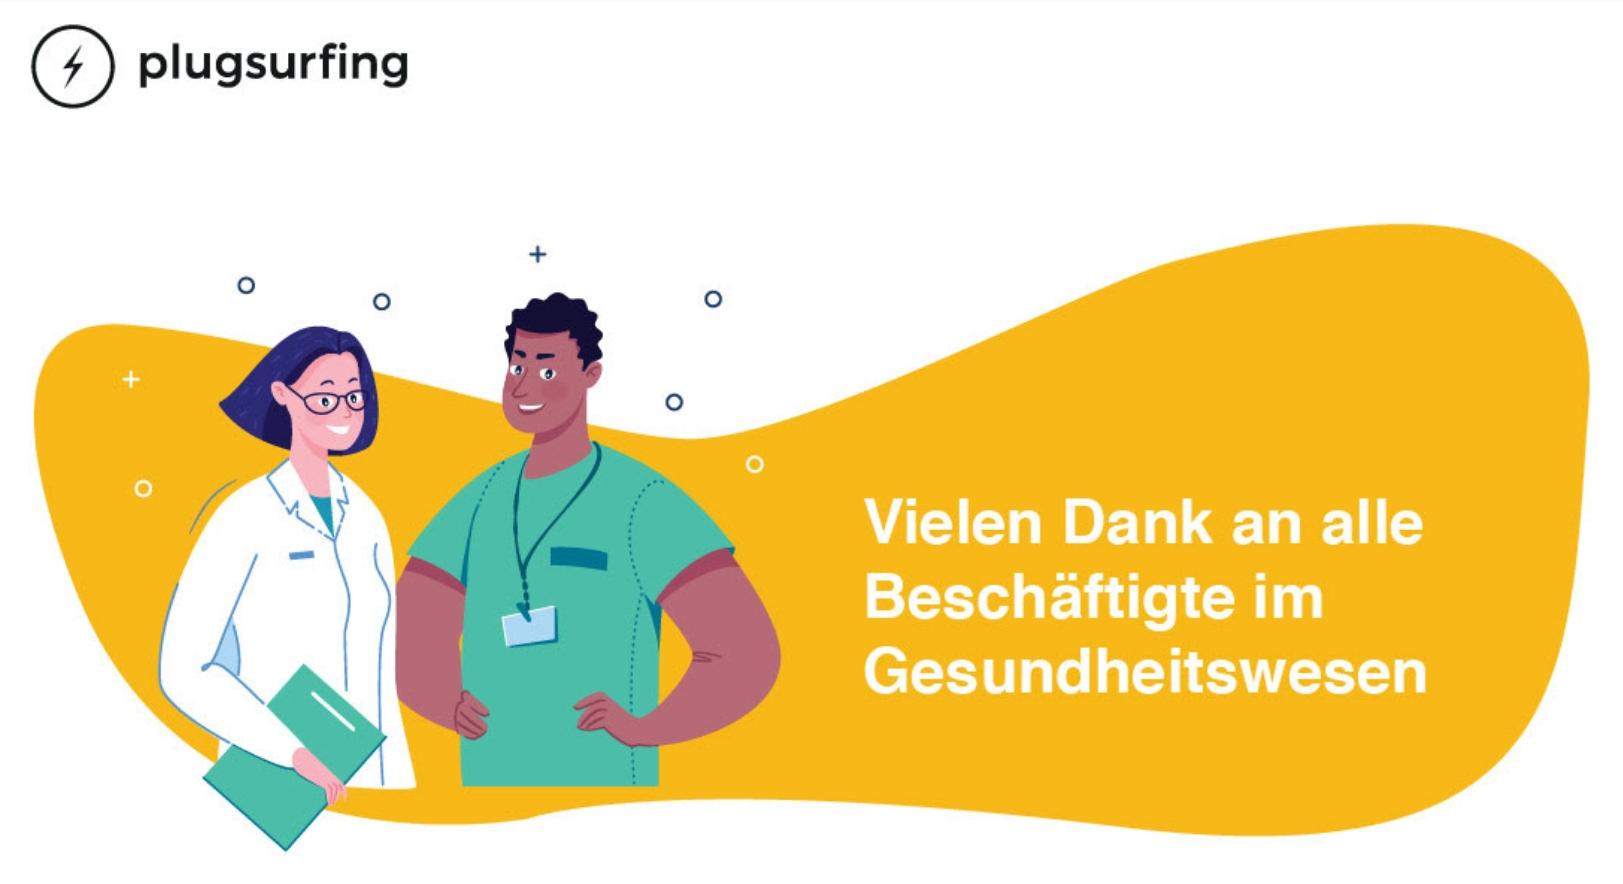 Kostenloses Aufladen von Elektroautos für Beschäftigte im Gesundheitswesen (Gutscheincode für 25€ für das Laden im öffentlichen Bereich)